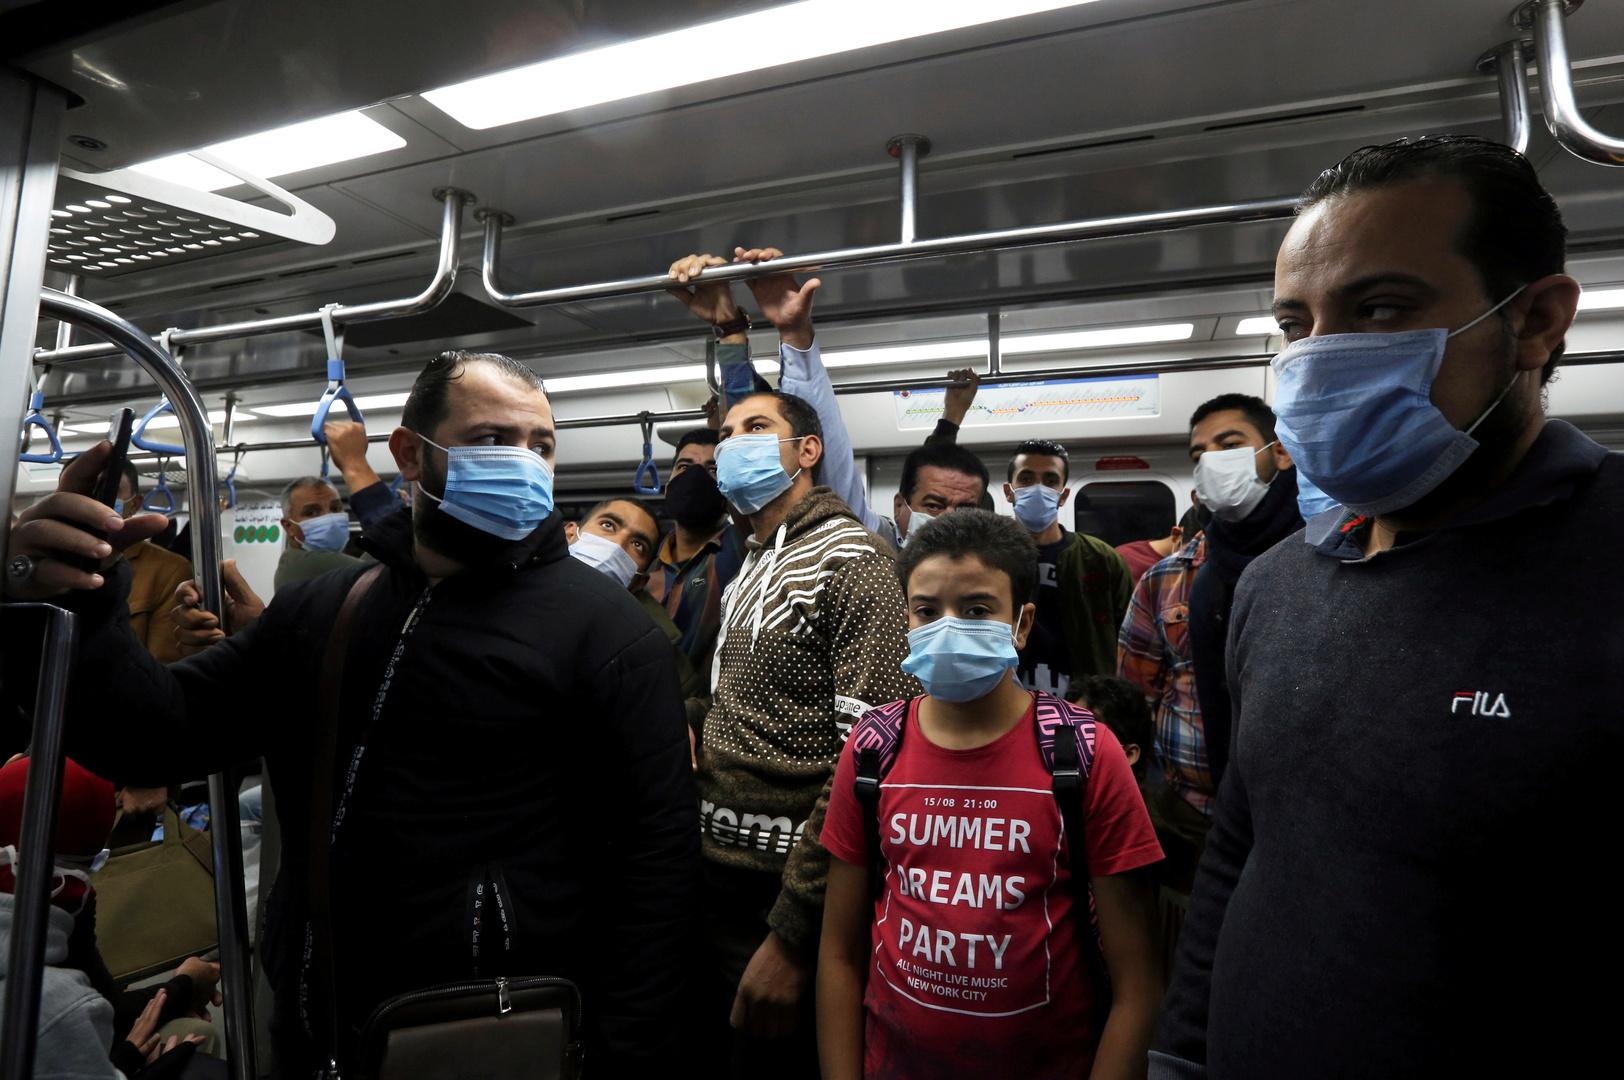 مصر.. الصحة تحذر من برتوكول علاجي قاتل منتشر على